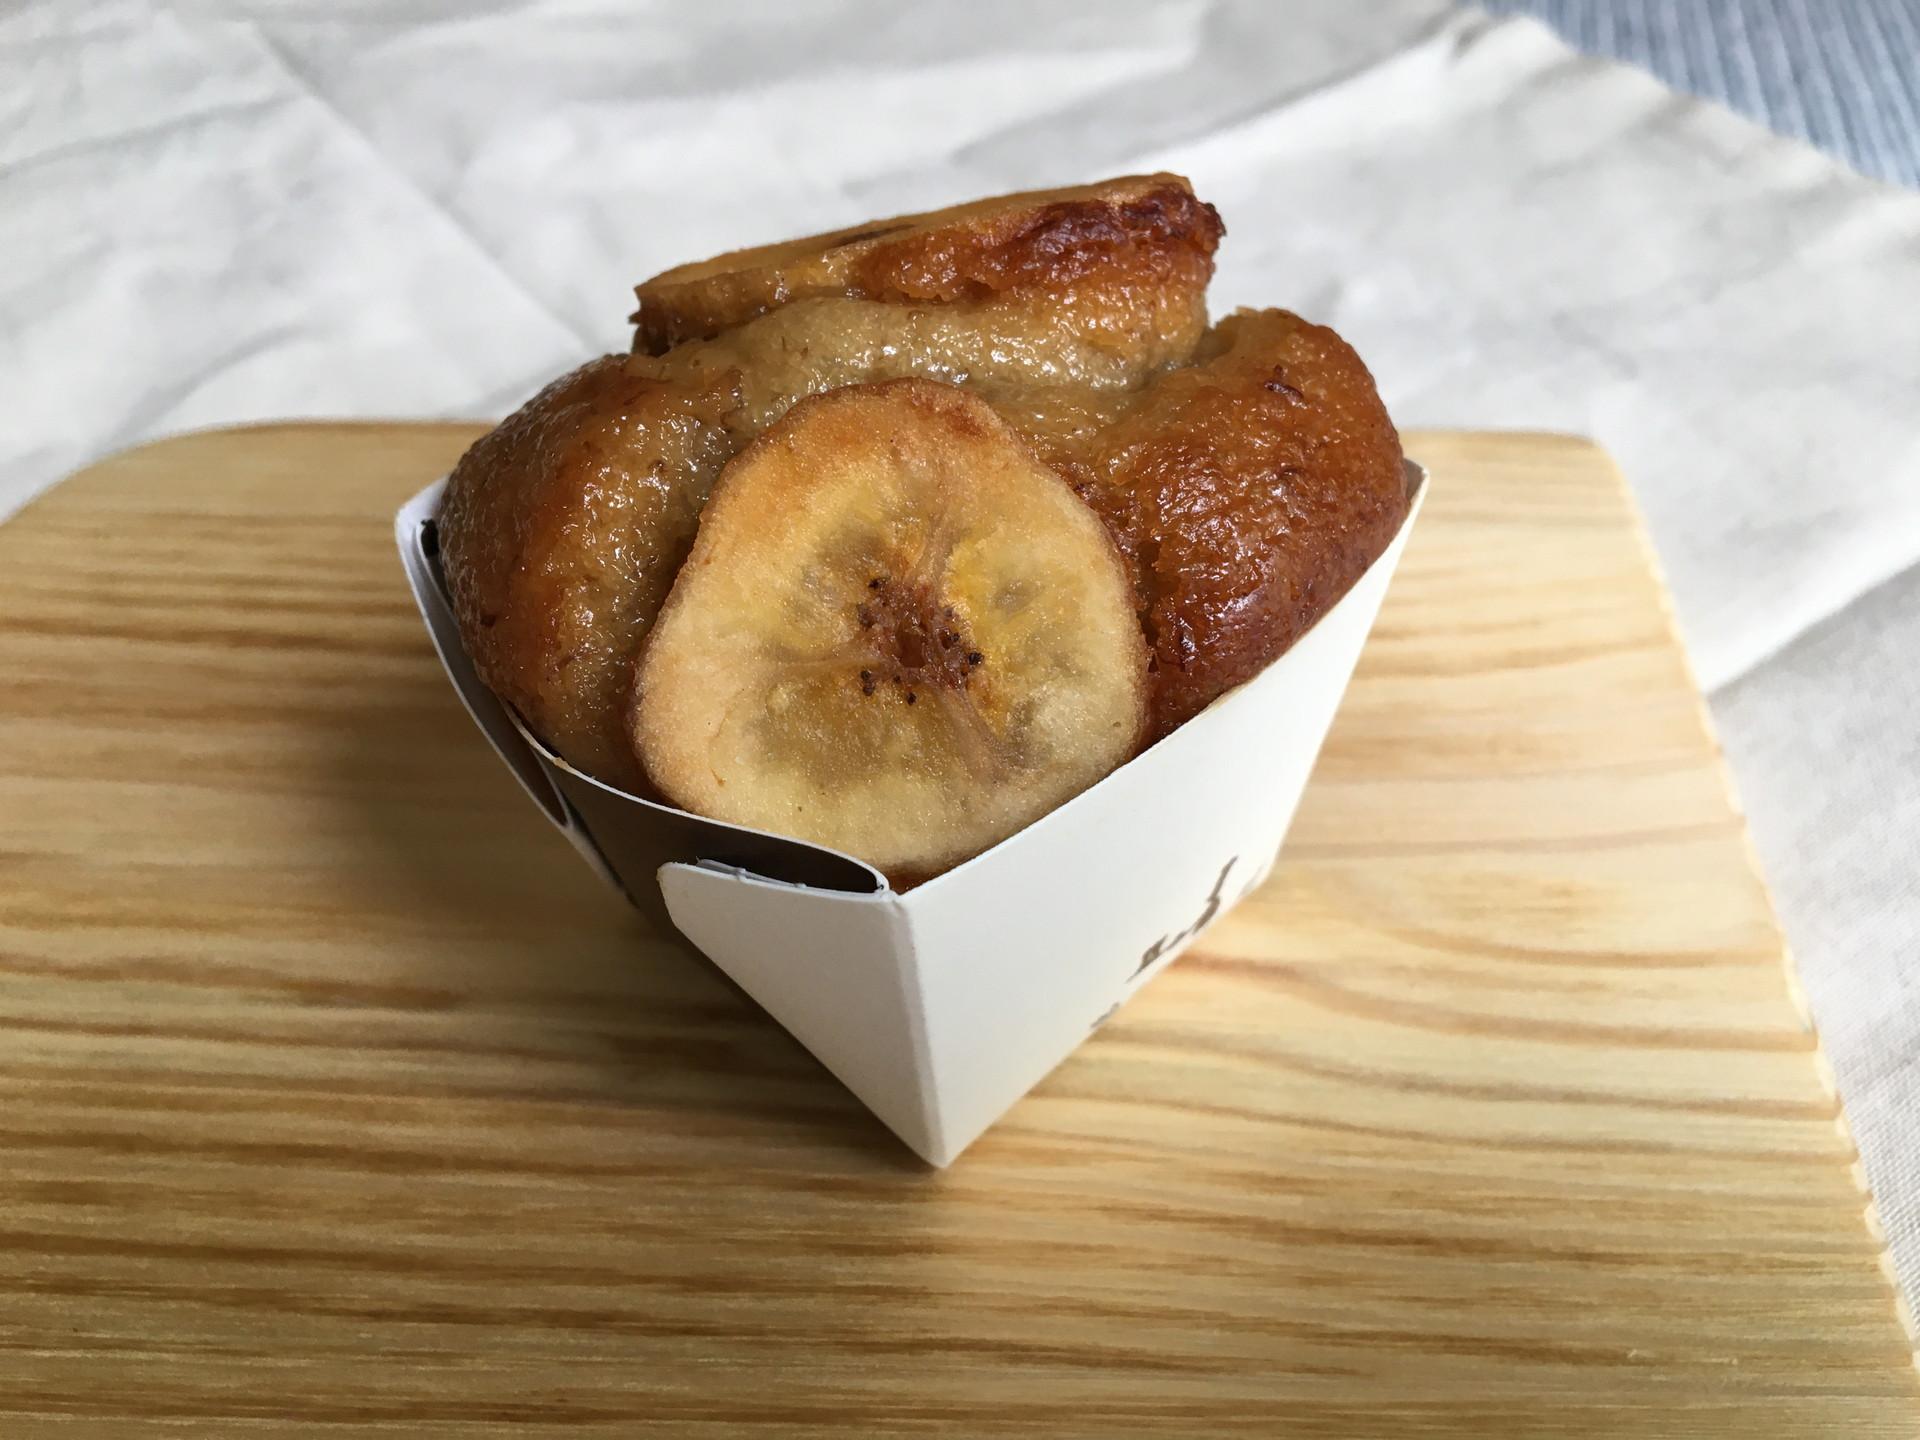 【ローソン】しっとり濃厚な「バナナたっぷりマイモーニングケーキ」